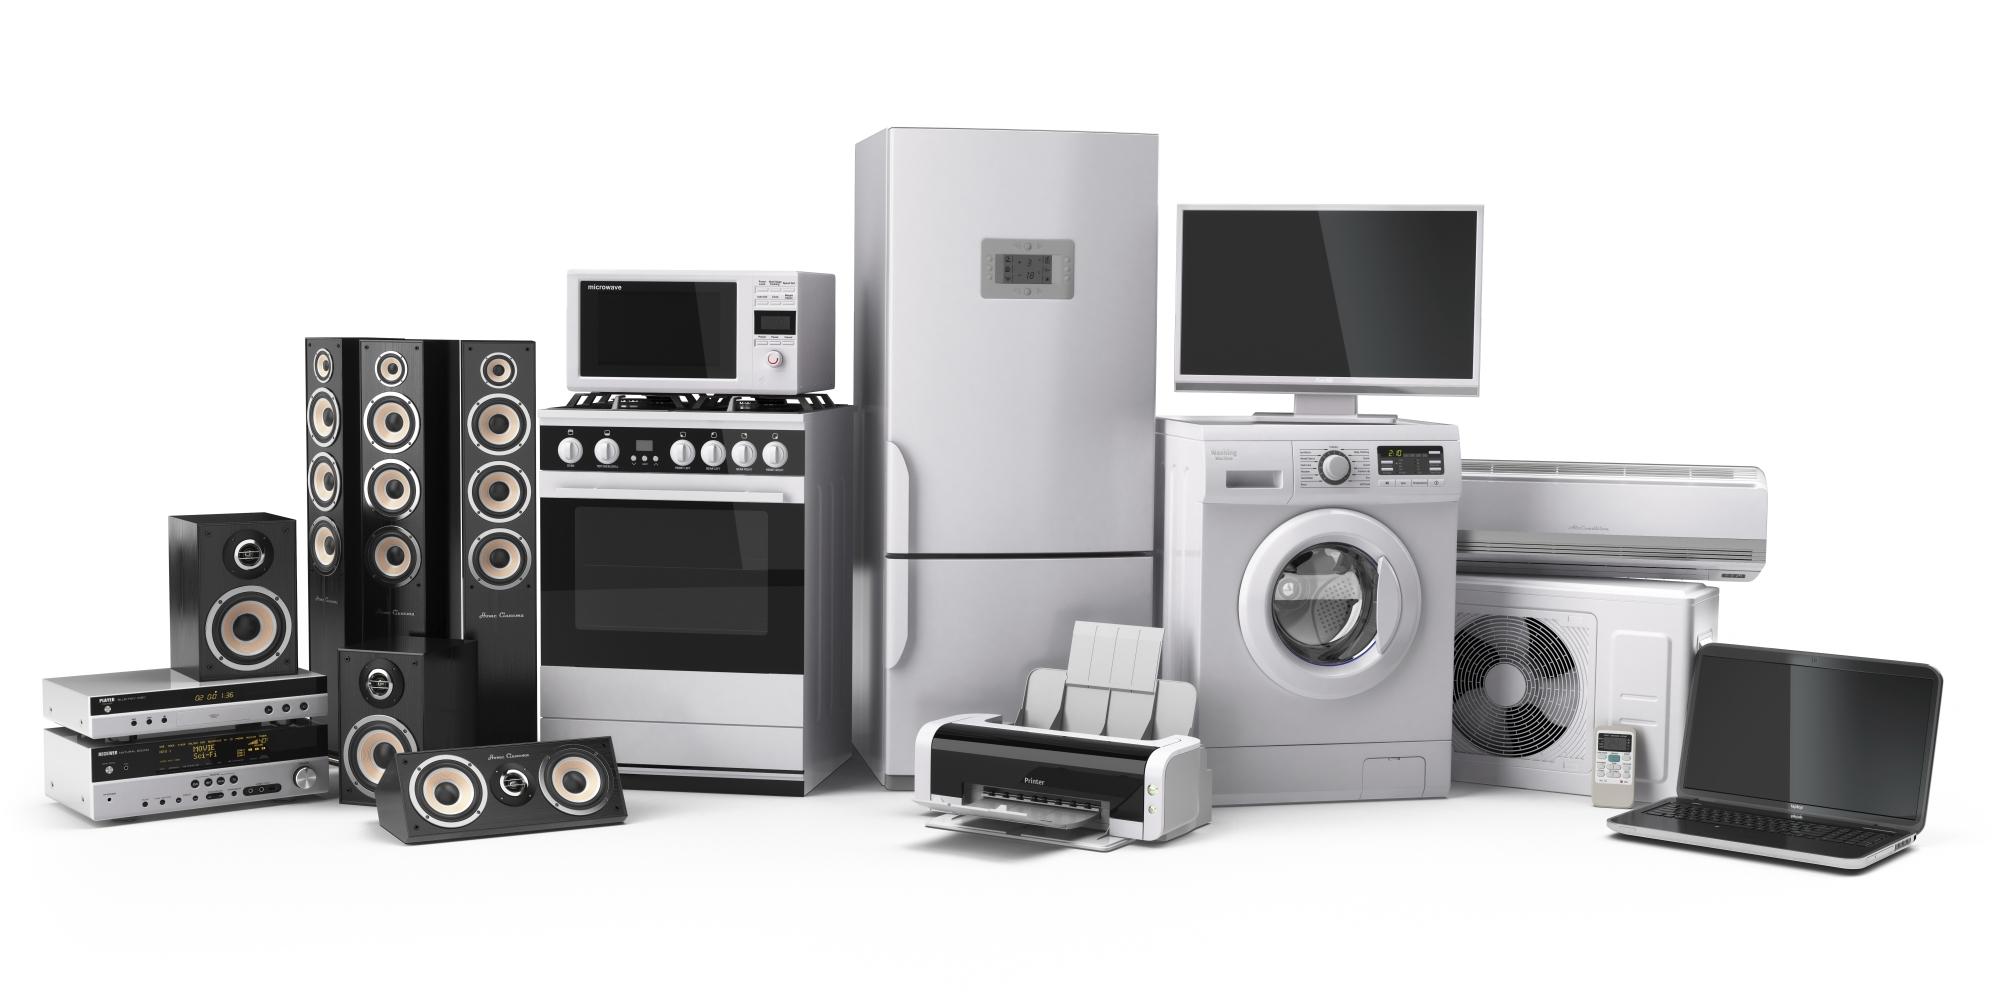 令人惊叹!海信蒸烫洗衣机大秀不凡平衡力!